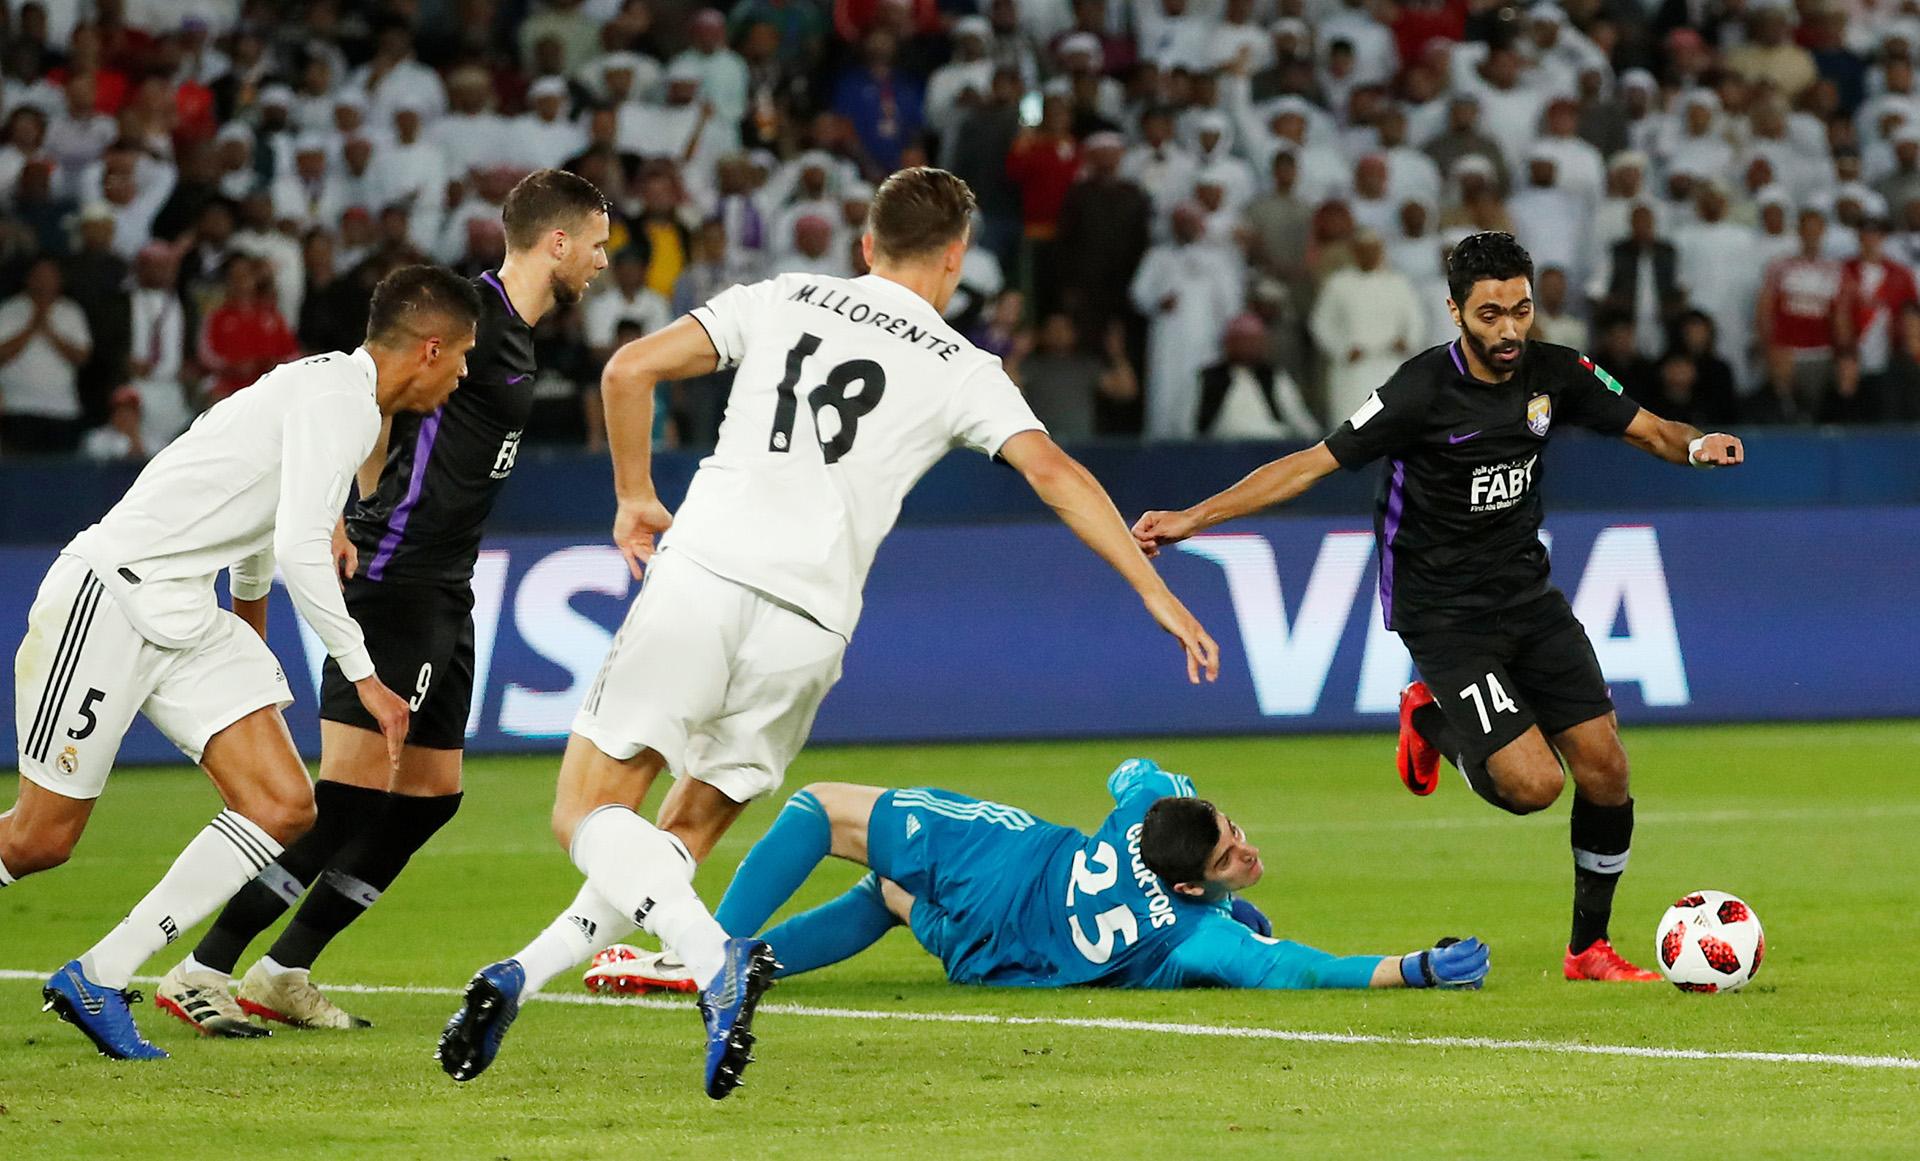 """Solari:""""Es una gesta del club, de los jugadores, de entrenadores que estuvieron antes como Zidane que estamos aquí gracias a él"""""""